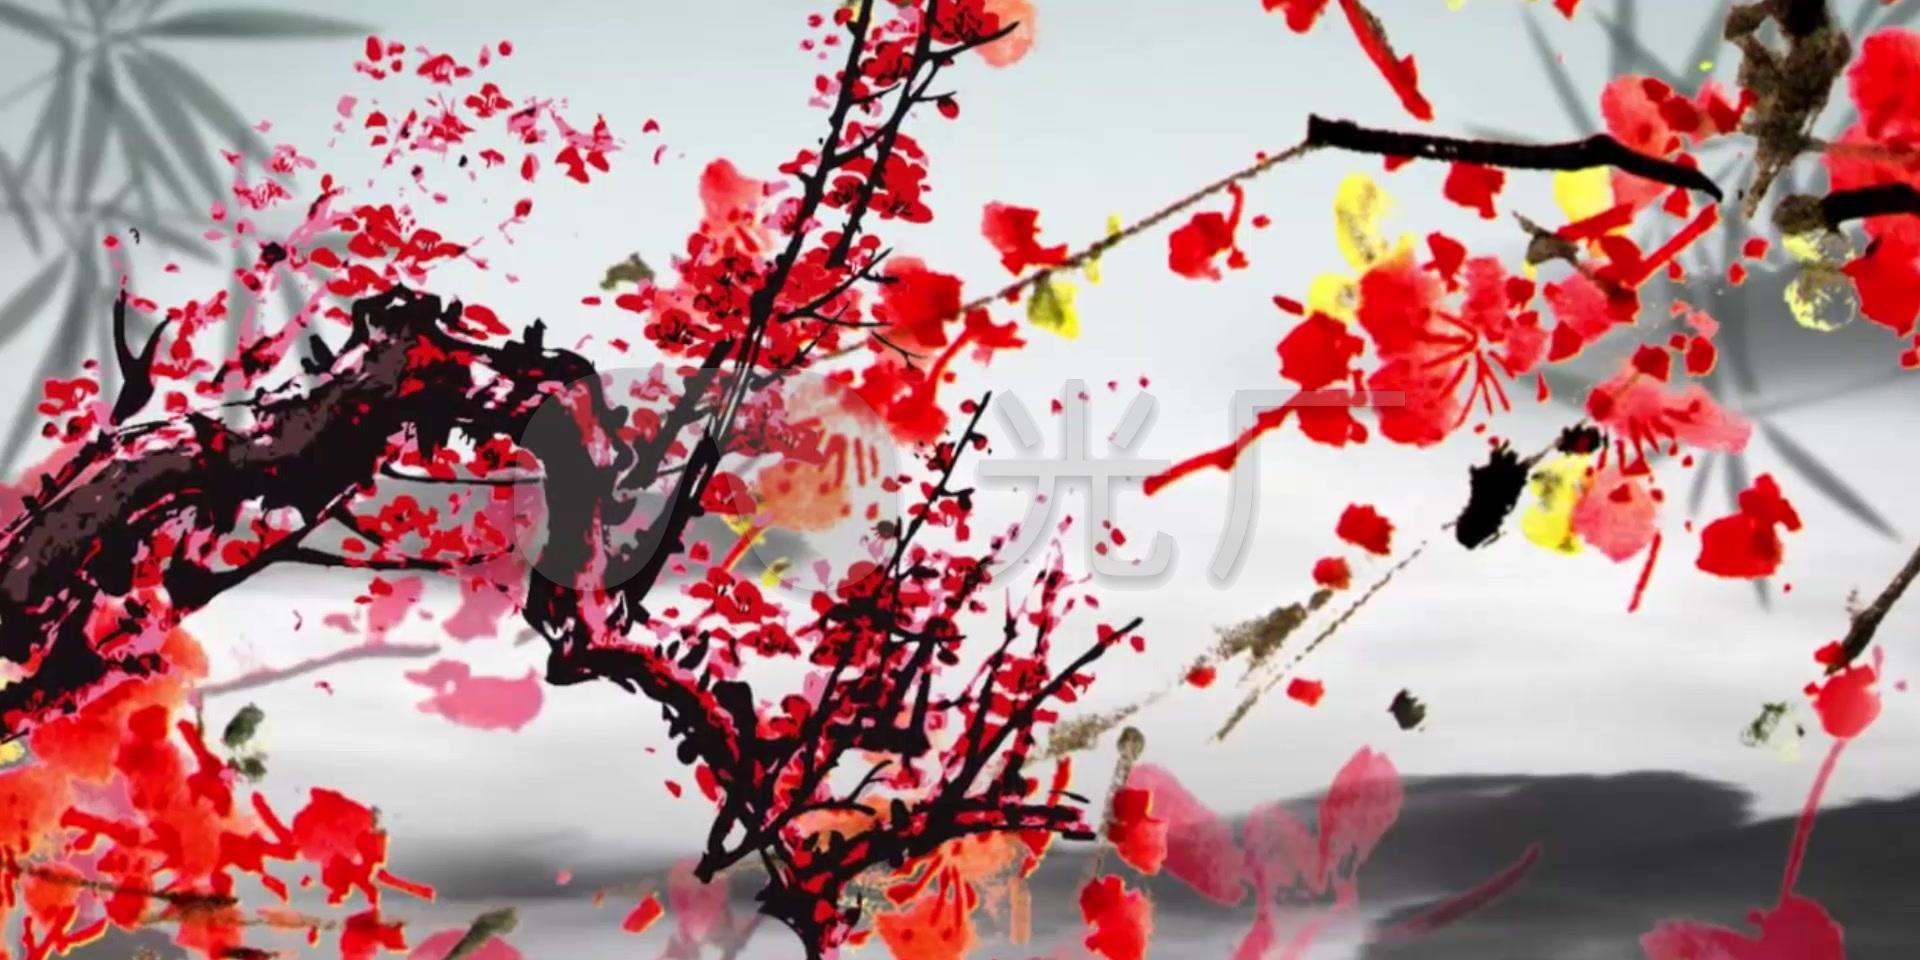 红梅赞舞美led视频背景_1920X960_高清视频热巴黄视频图片